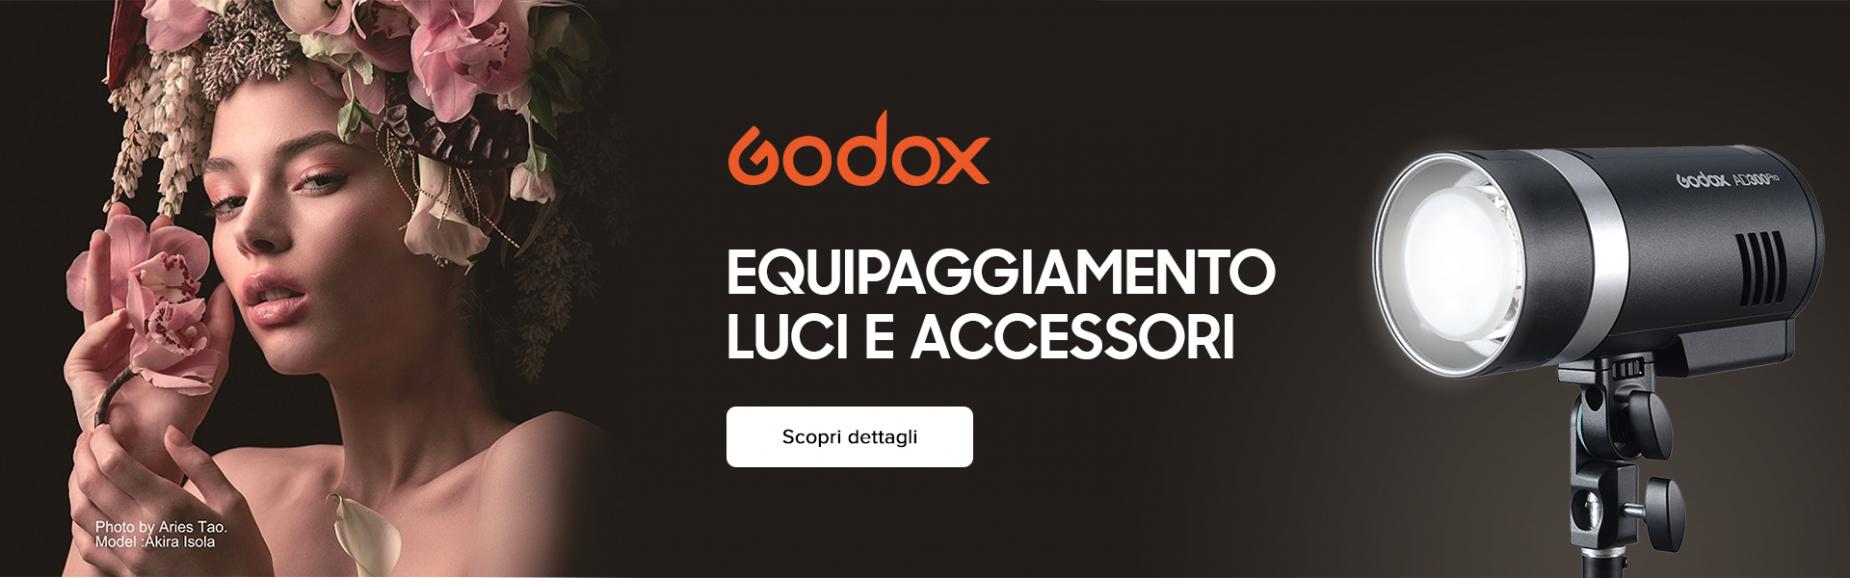 toscana foto service godox